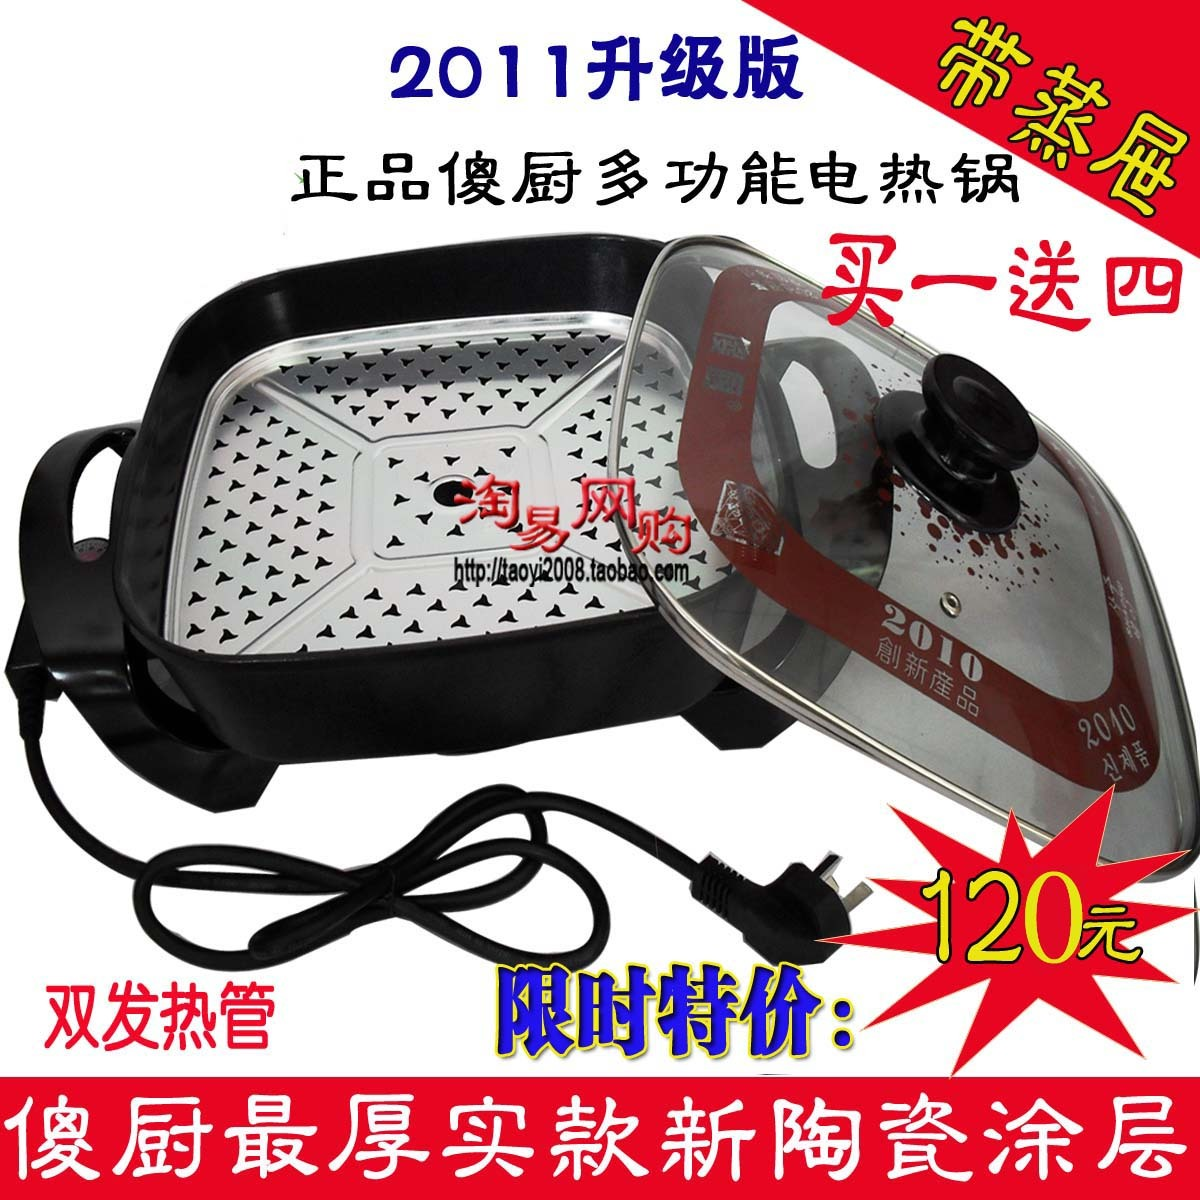 Ceramic pan electric stove